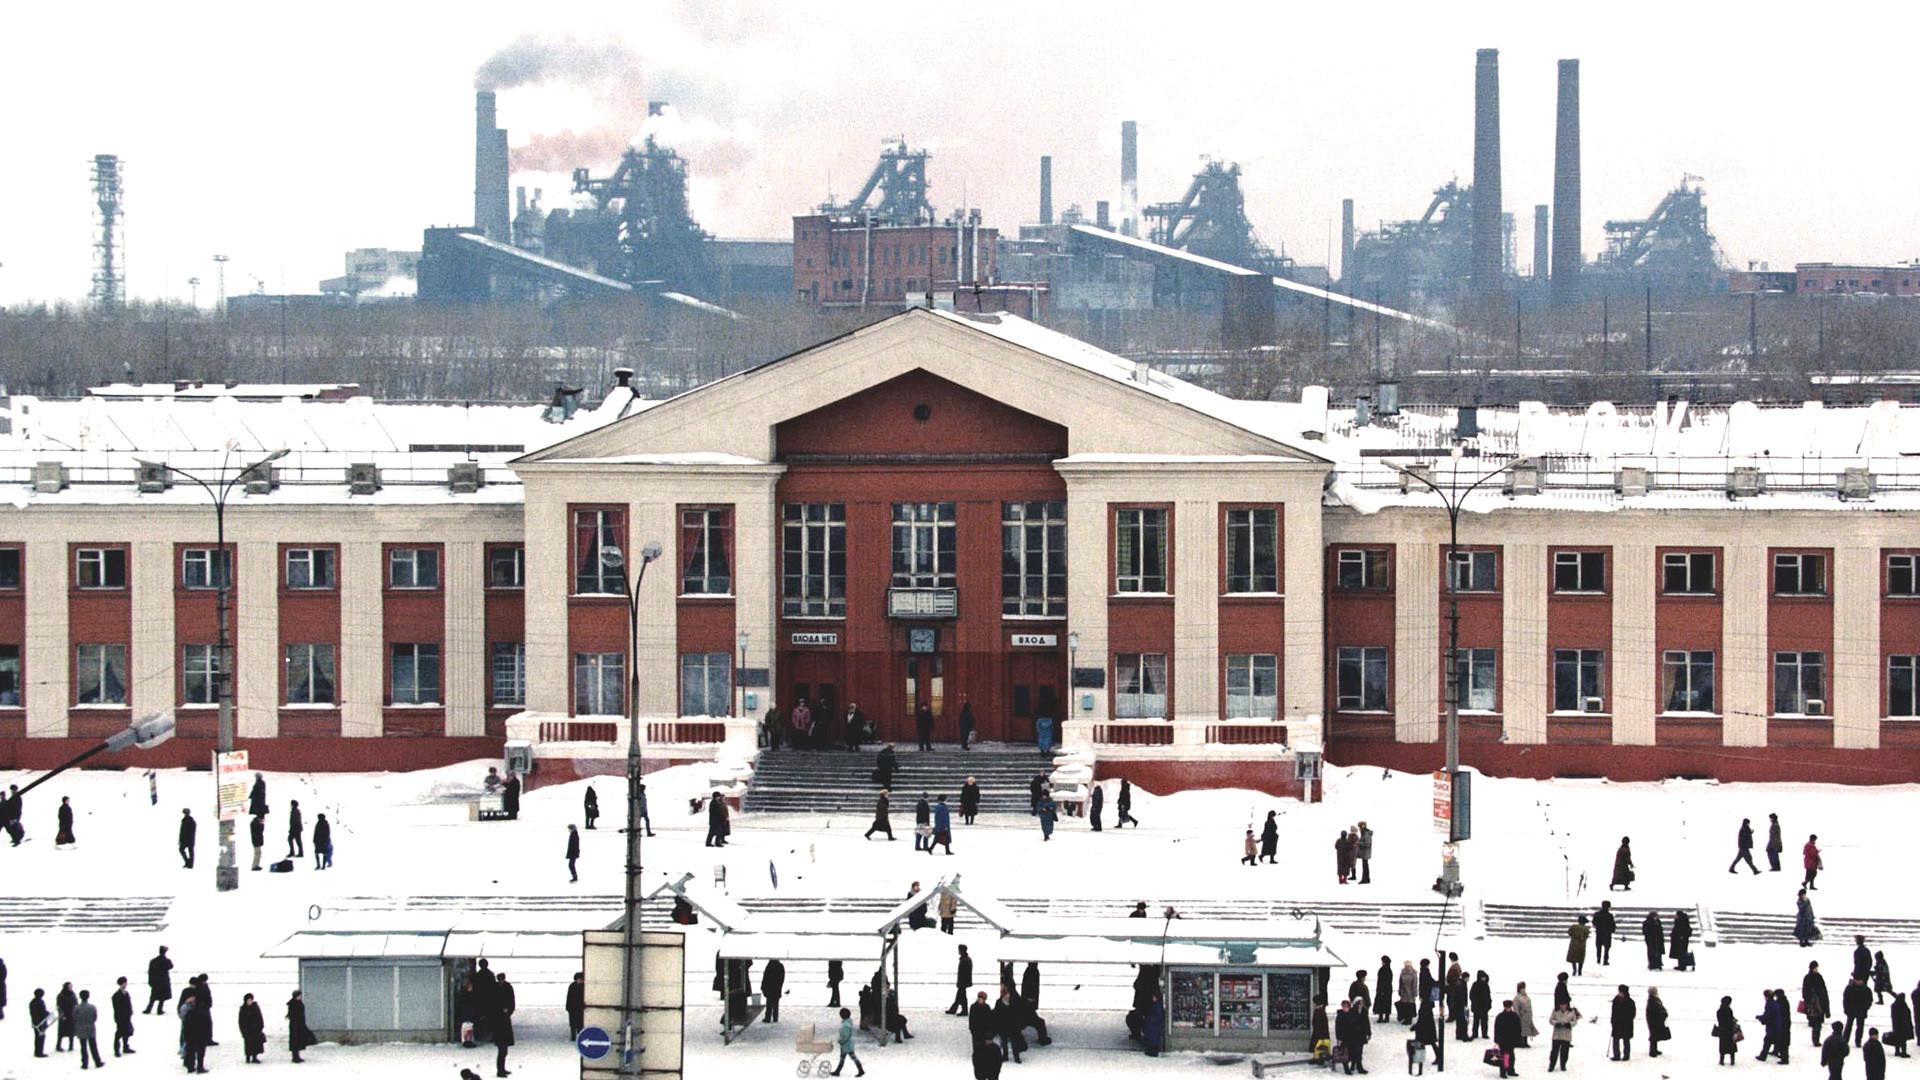 La stazione ferroviaria di Nizhnij Tagil